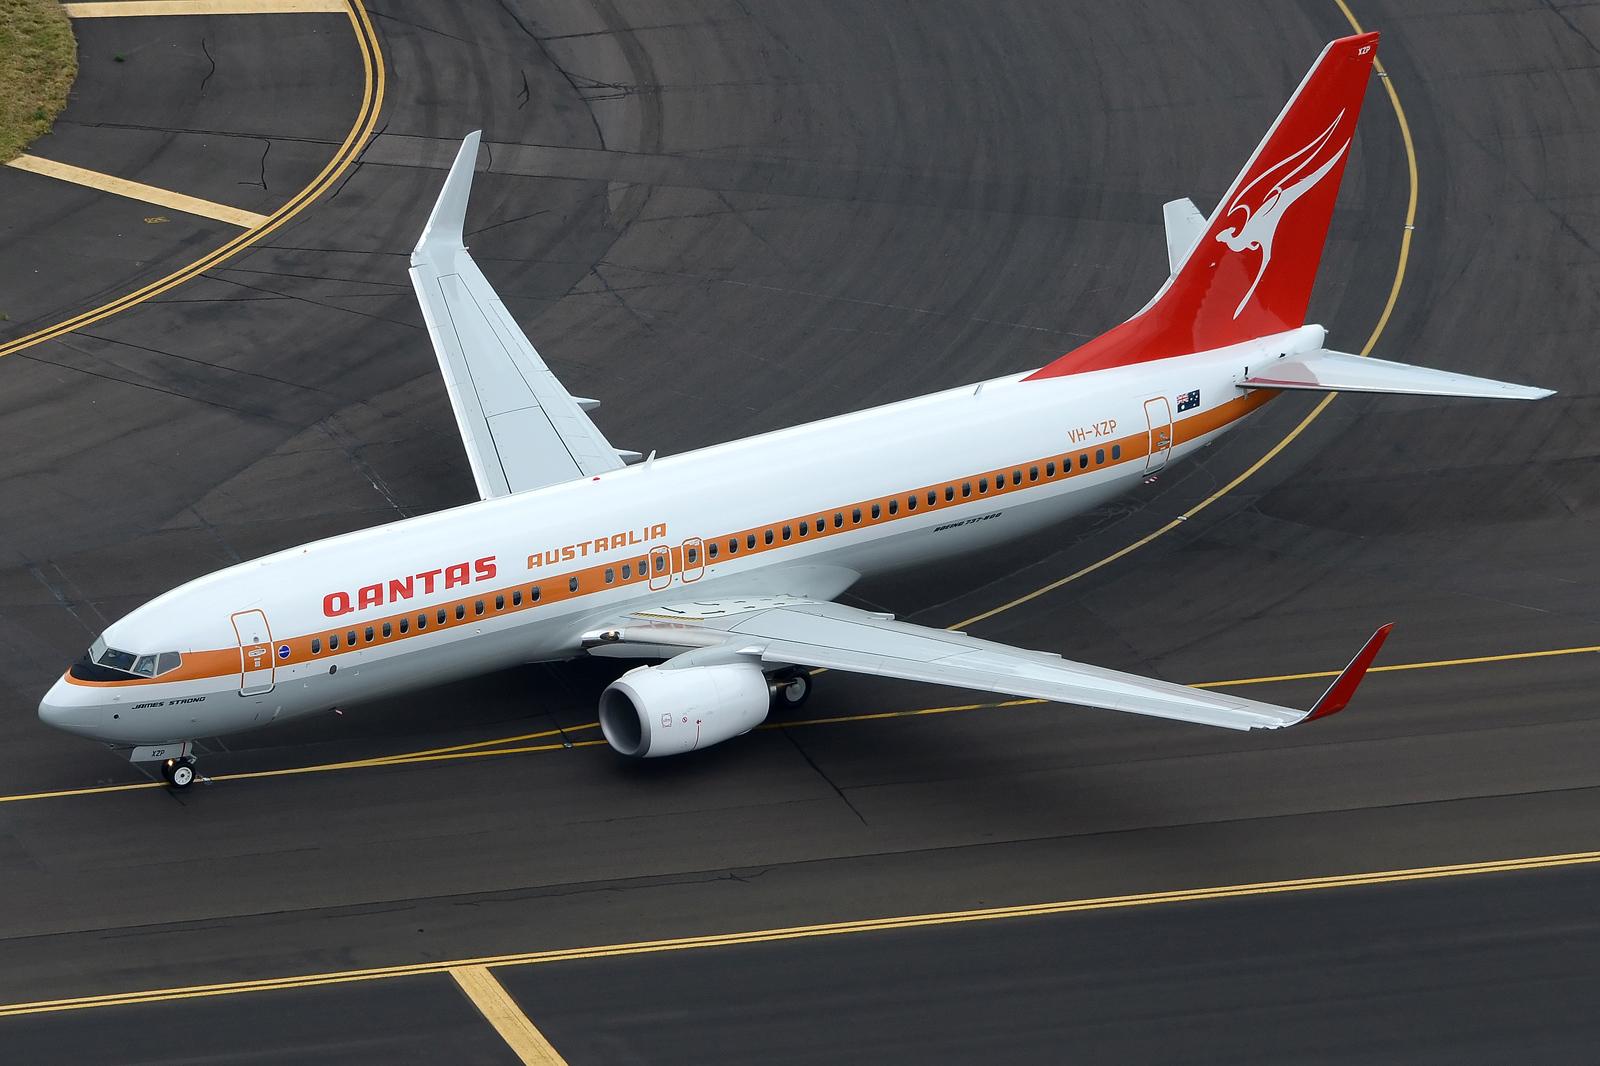 Qantas_Boeing_737-800_%28VH-XZP%29_retrojet.jpg